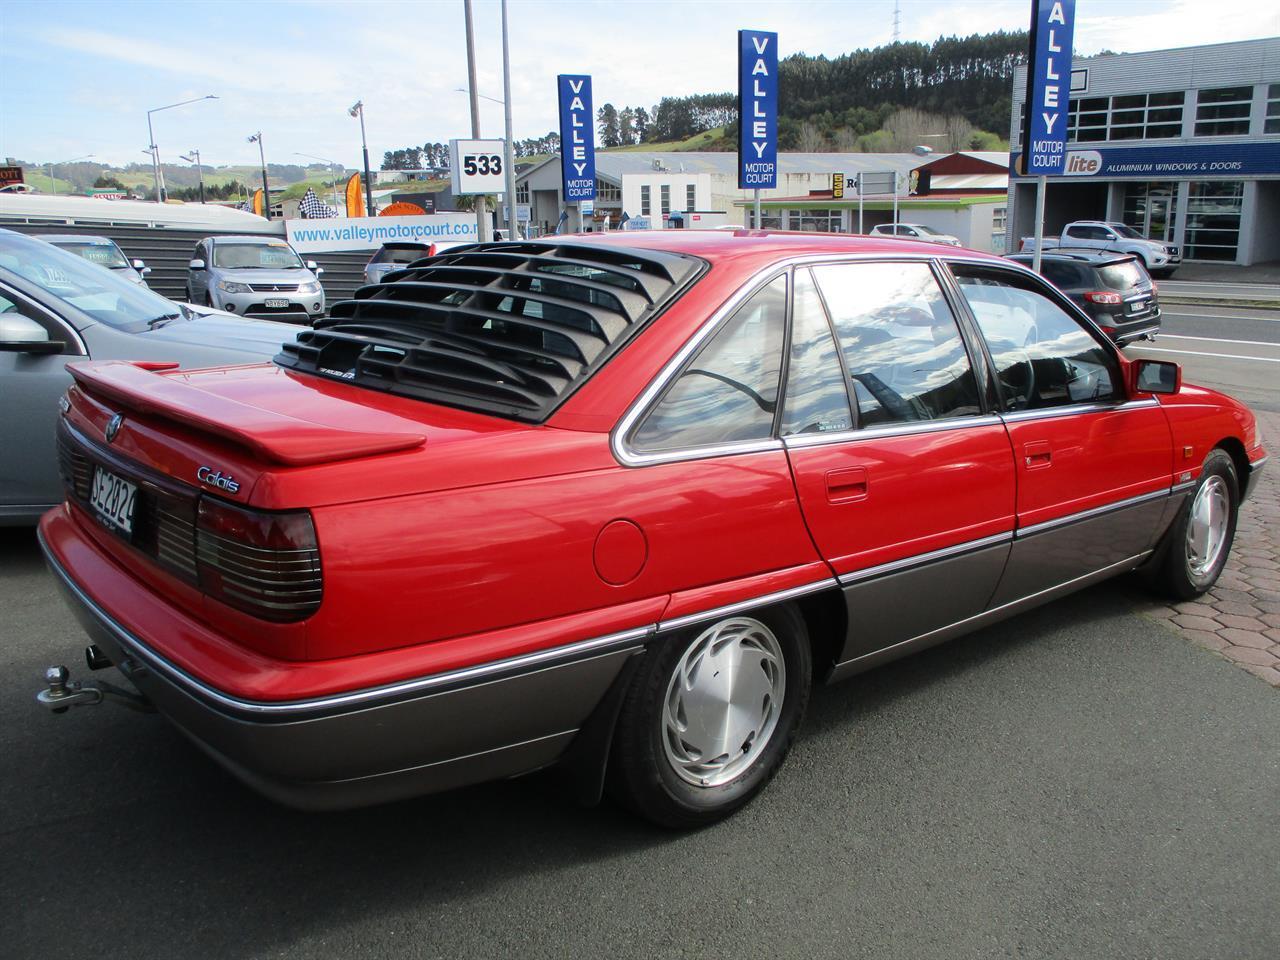 image-5, 1993 Holden Calais VP 3.8lt V6 at Dunedin